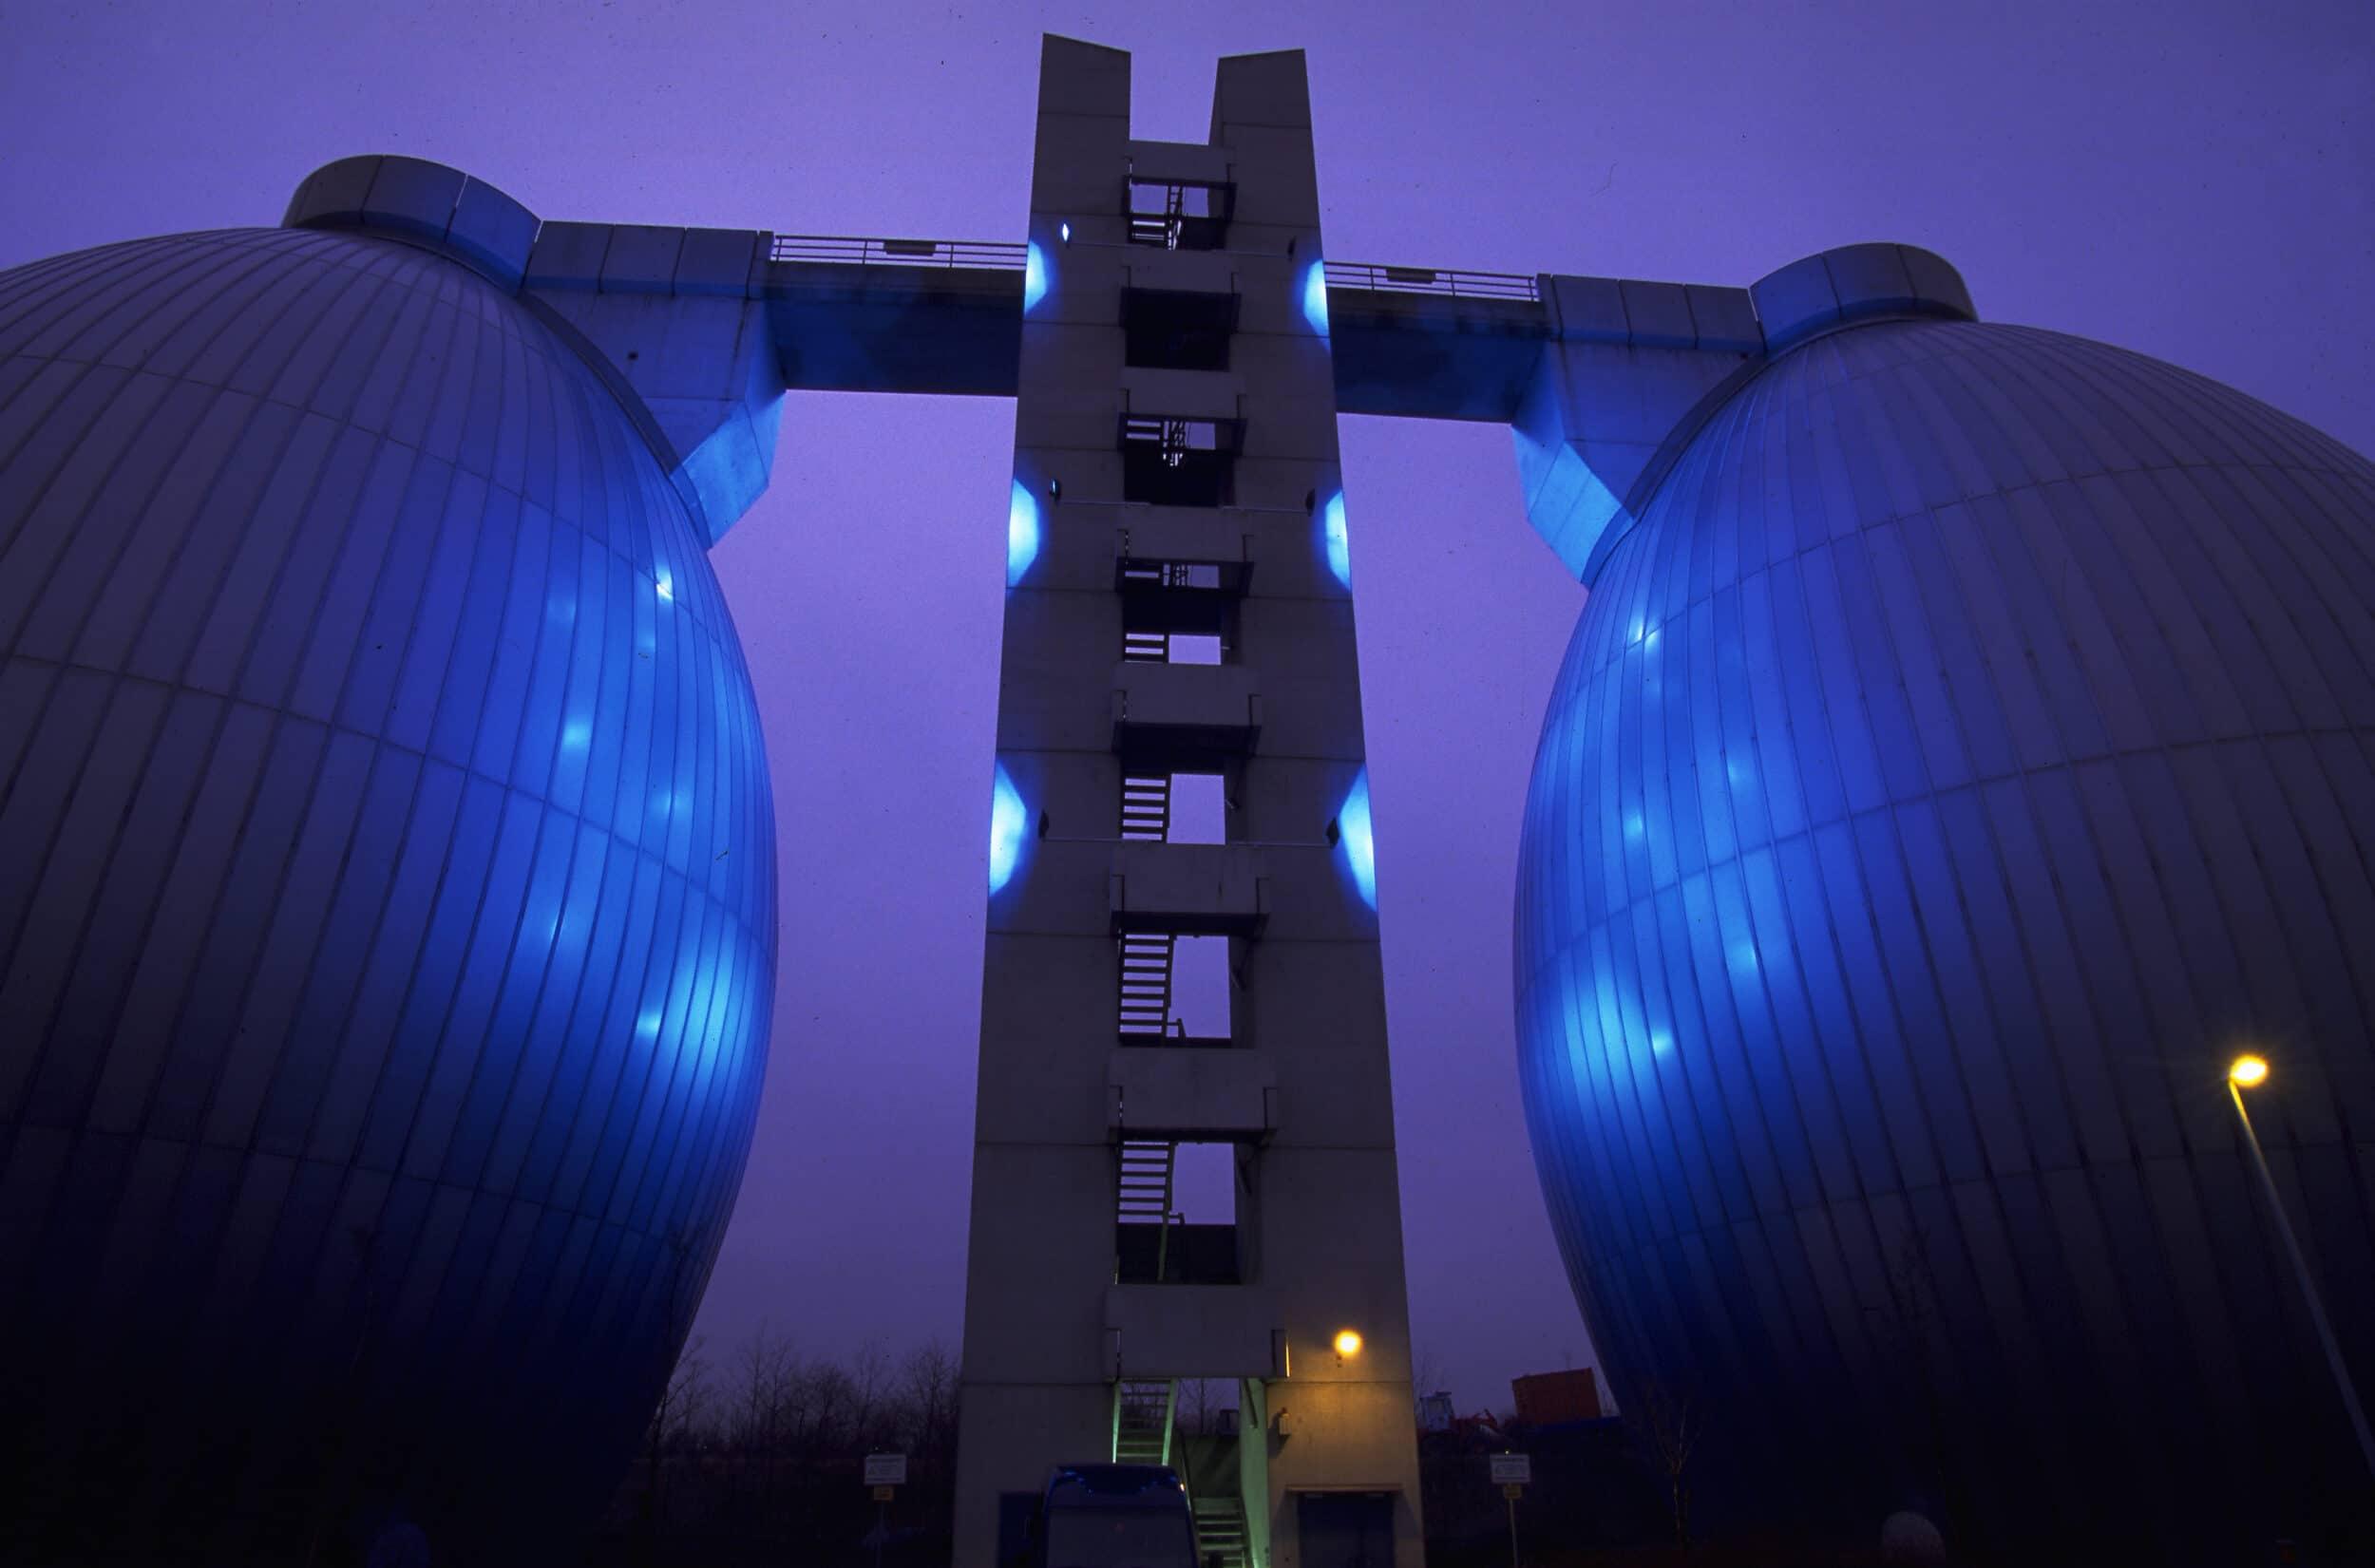 Auch die Beleuchtung an den beiden Faulbehältern der Kläranlage der Emschergenossenschaft in Dortmund-Deusen werden abgeschaltet. (Foto: Jochen Durchleuchter/EGLV)